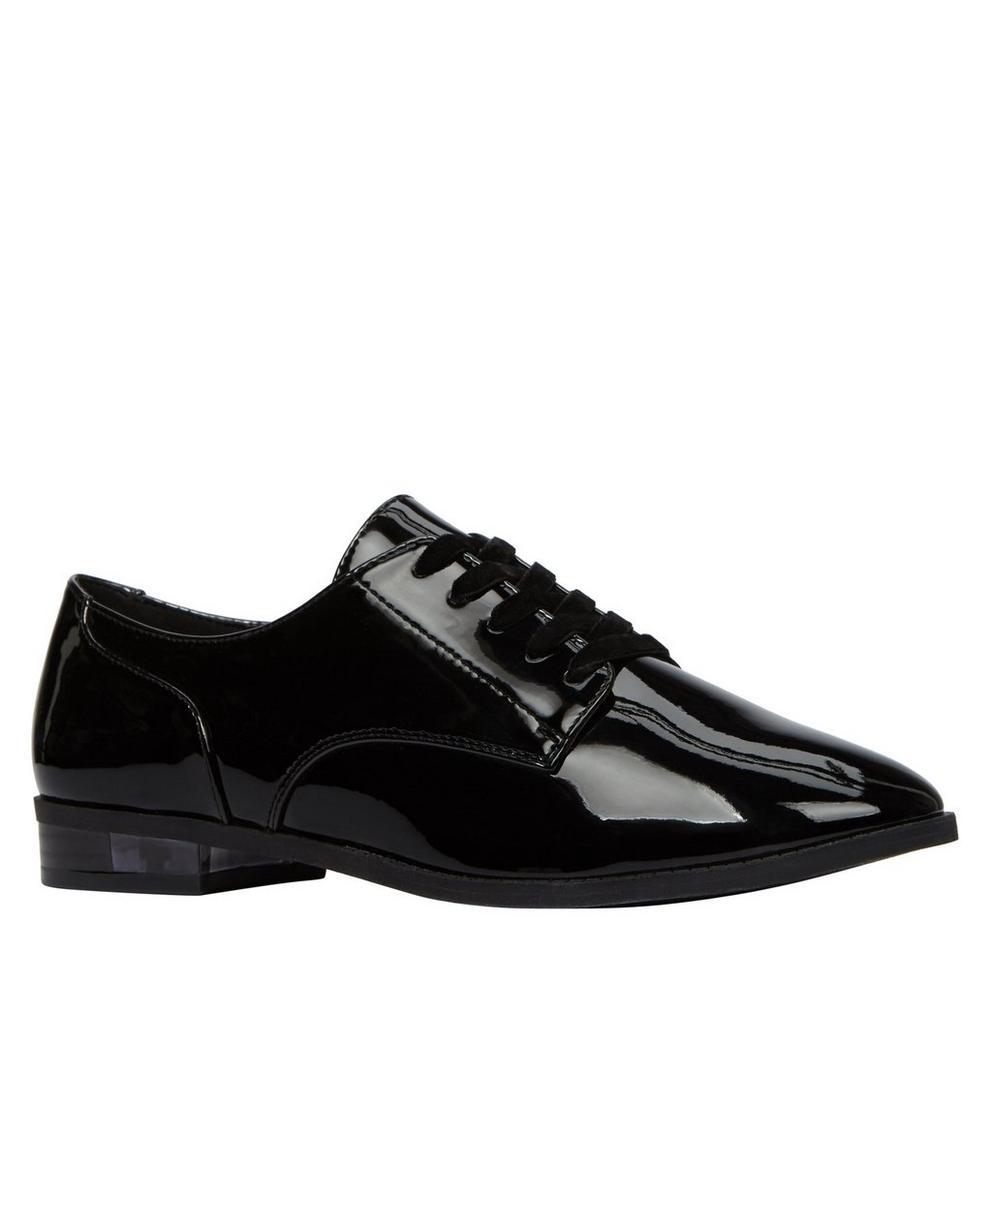 Chaussures noires stylées - avec un enduit brillant - call